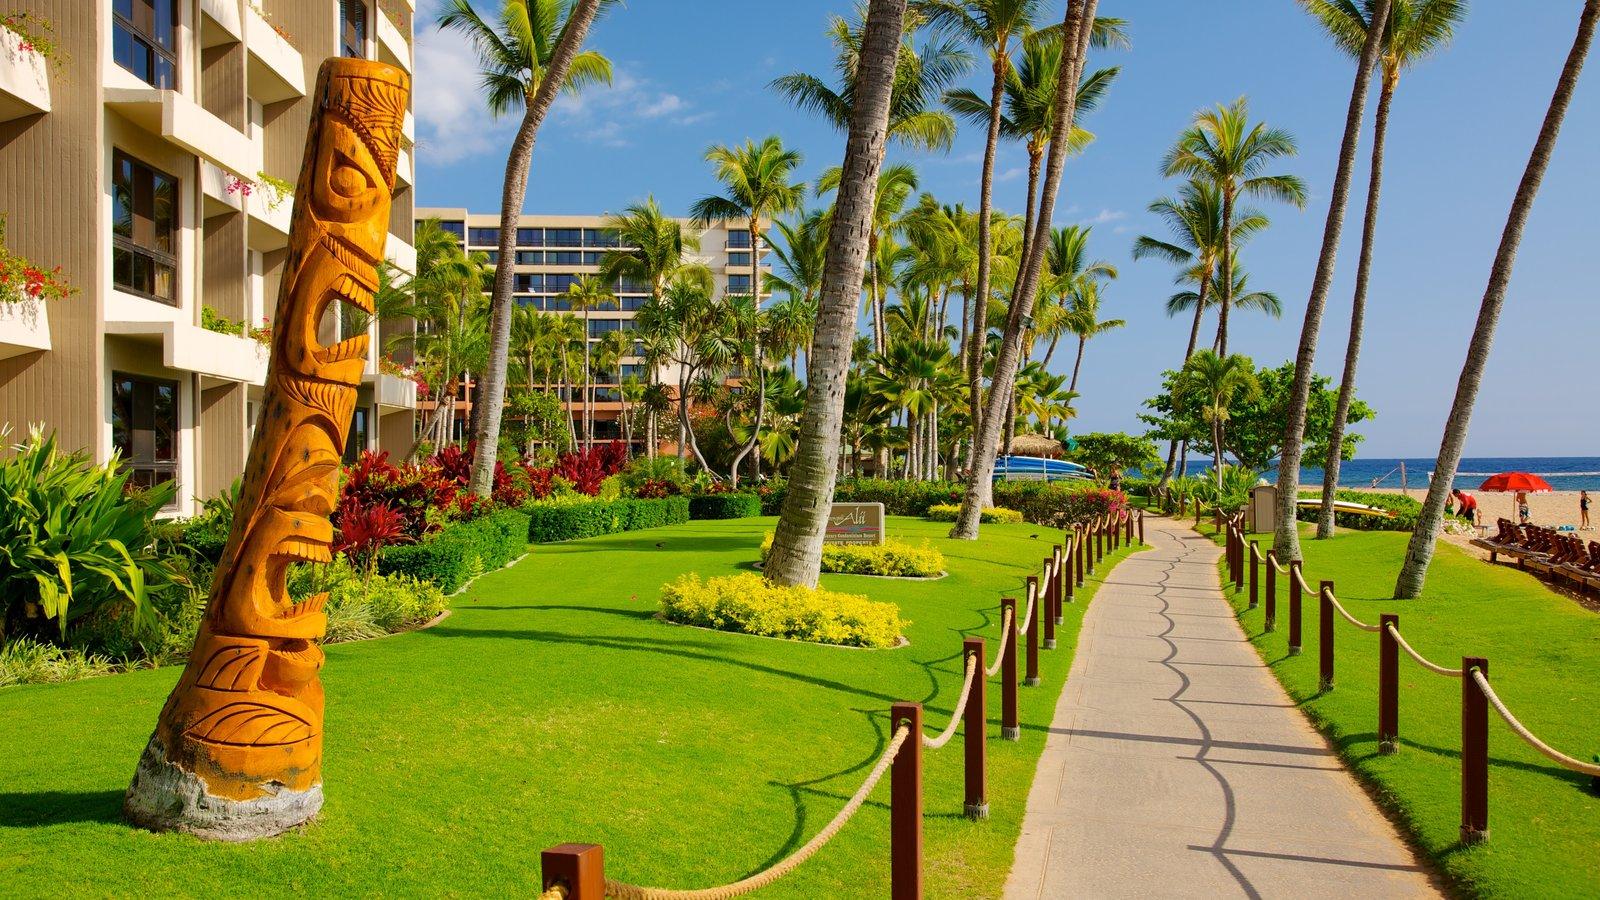 Kaanapali Beach que incluye una ciudad costera, escenas tropicales y una playa